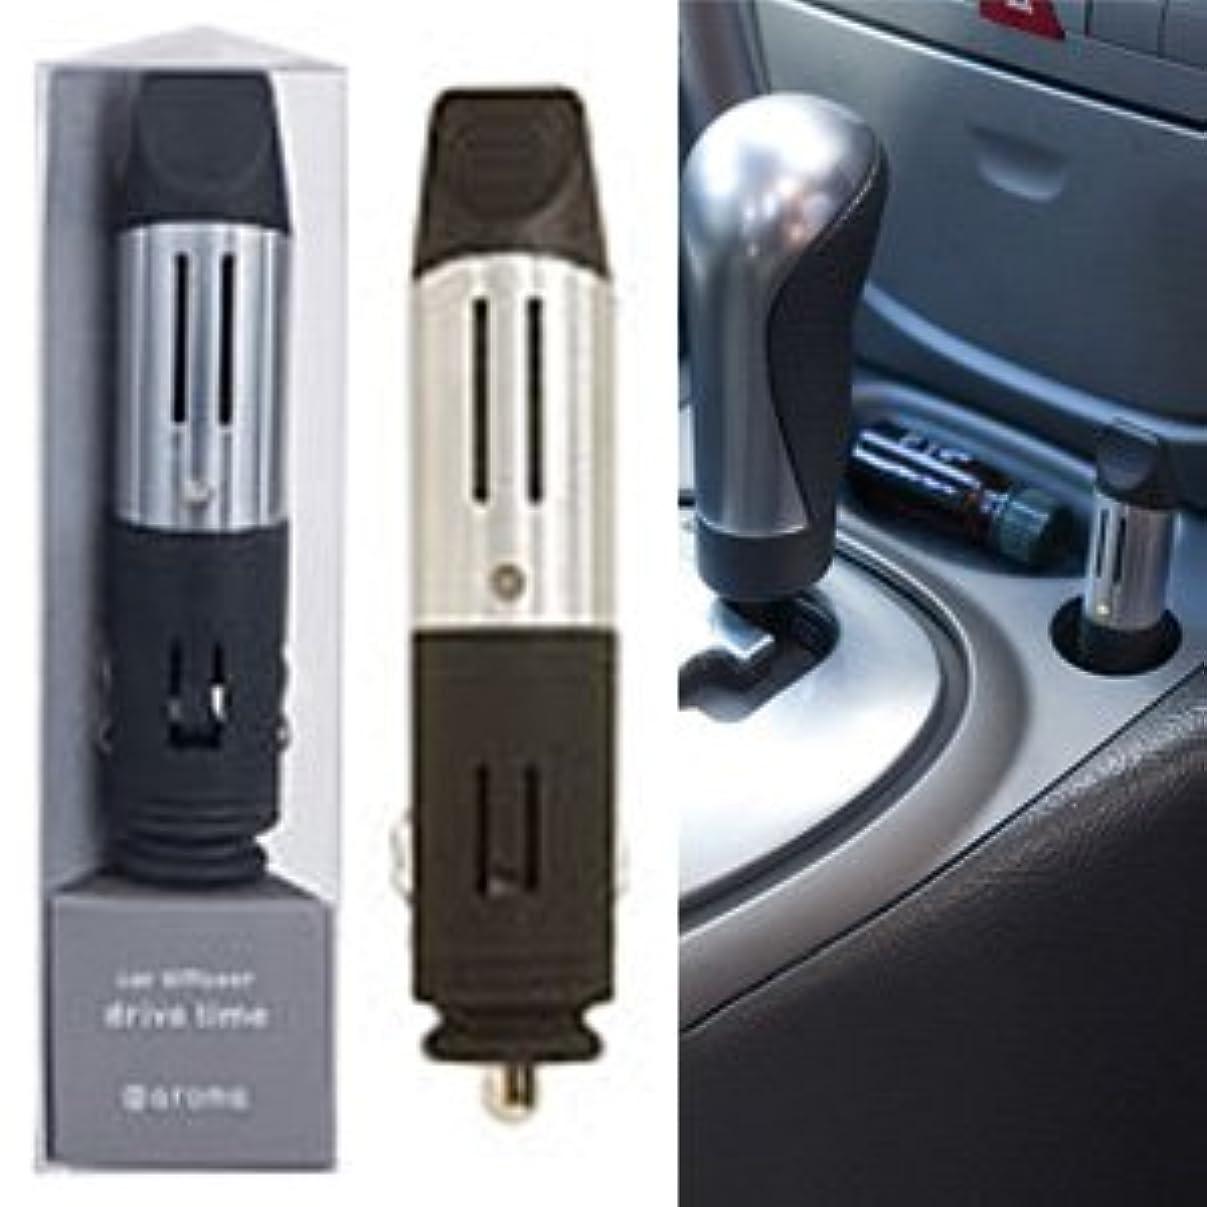 識別するインサートアセンブリ車用アロマディフューザー ドライブタイム [ソケットタイプ/DC12V電源] カラー:シルバー